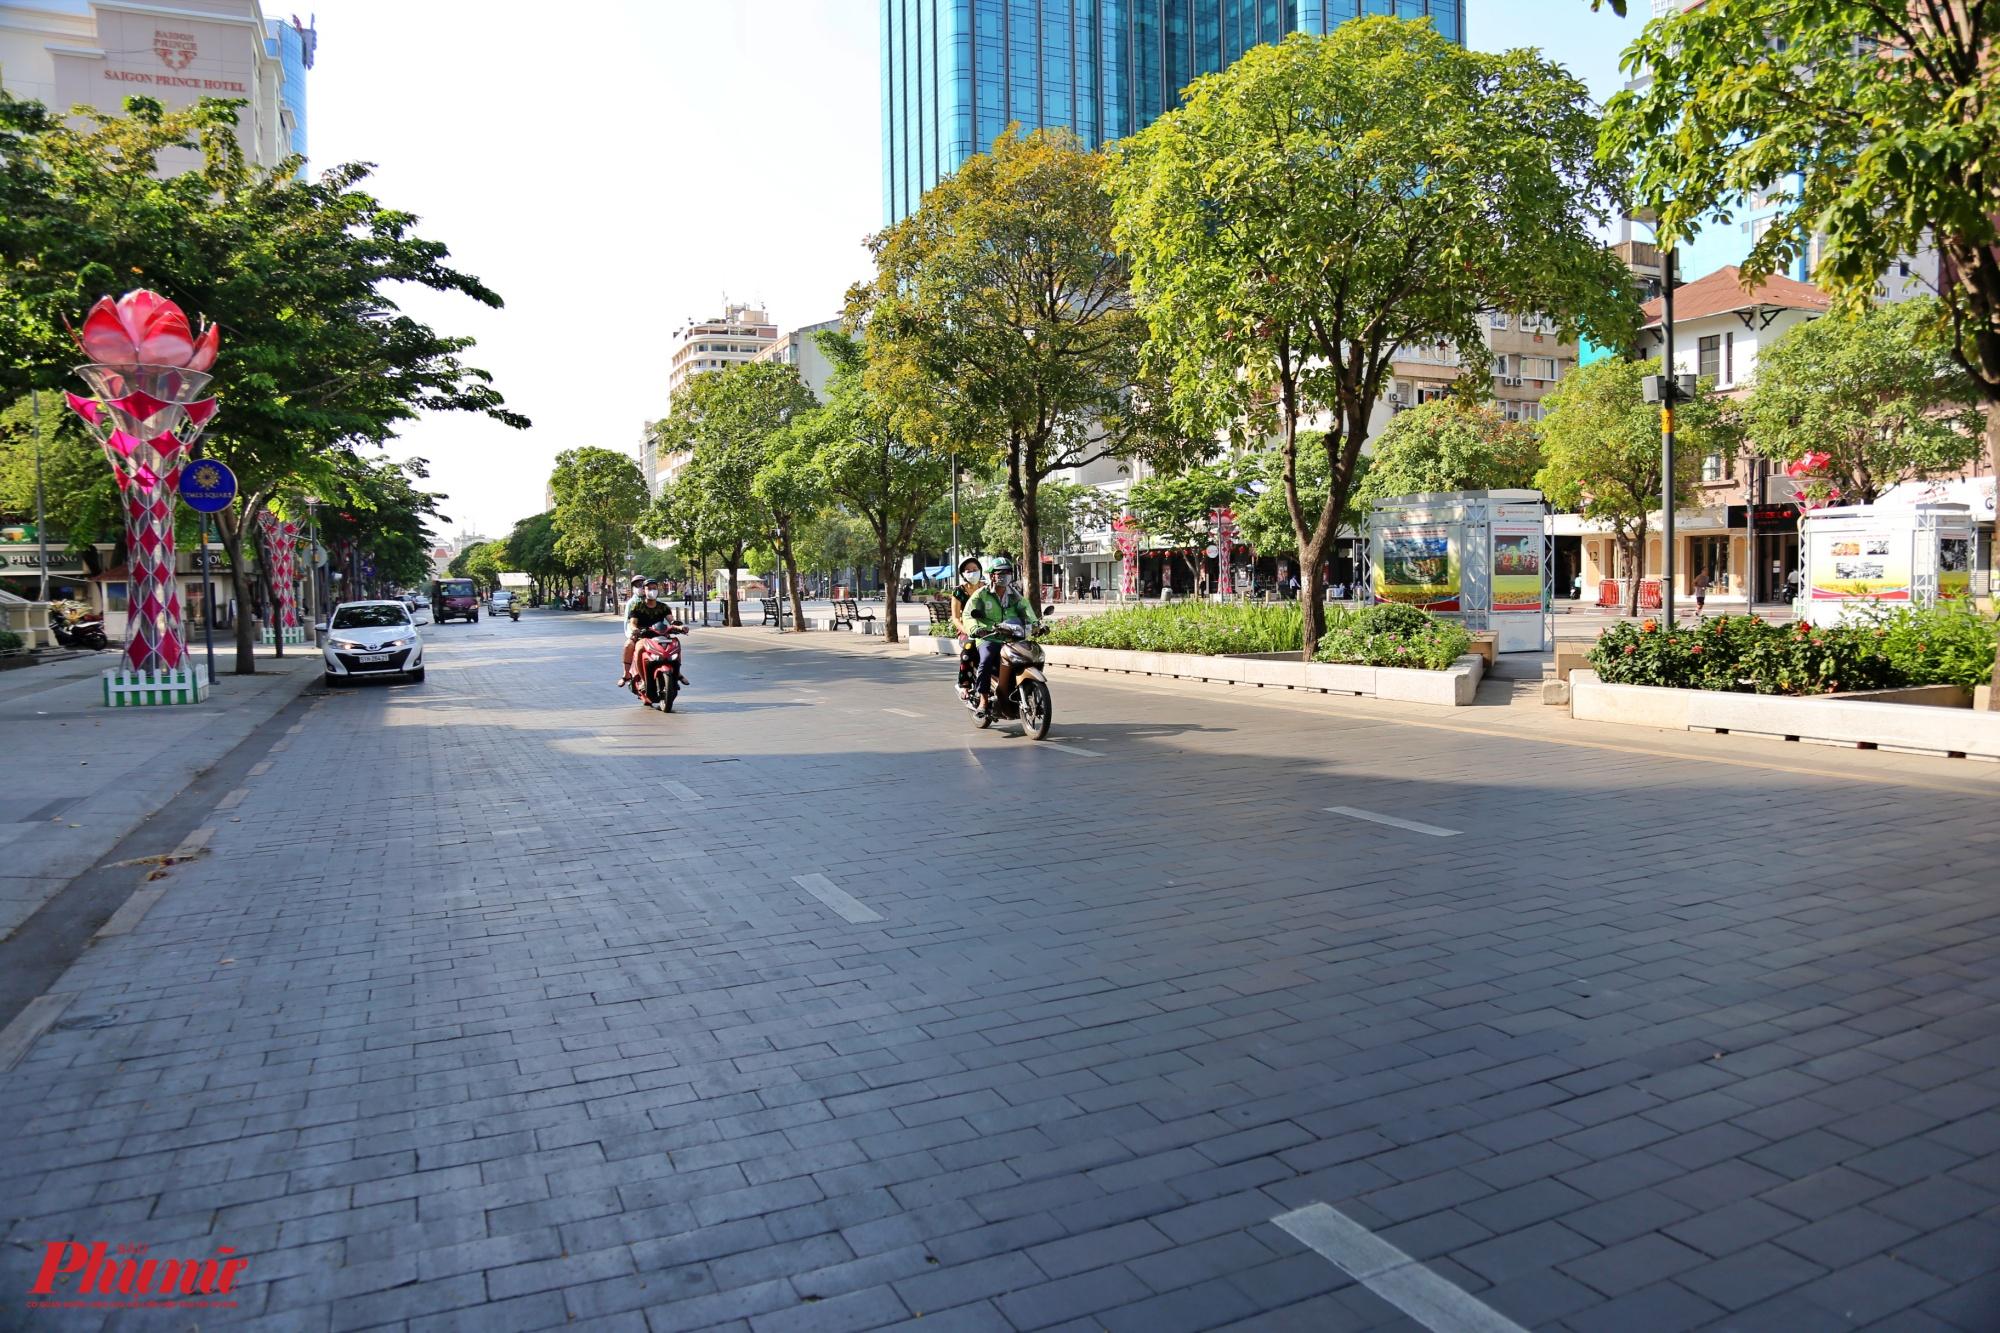 Một vài chiếc xe lát đát chạy trên đường đi bộ Nguyễn Huệ, quận 1